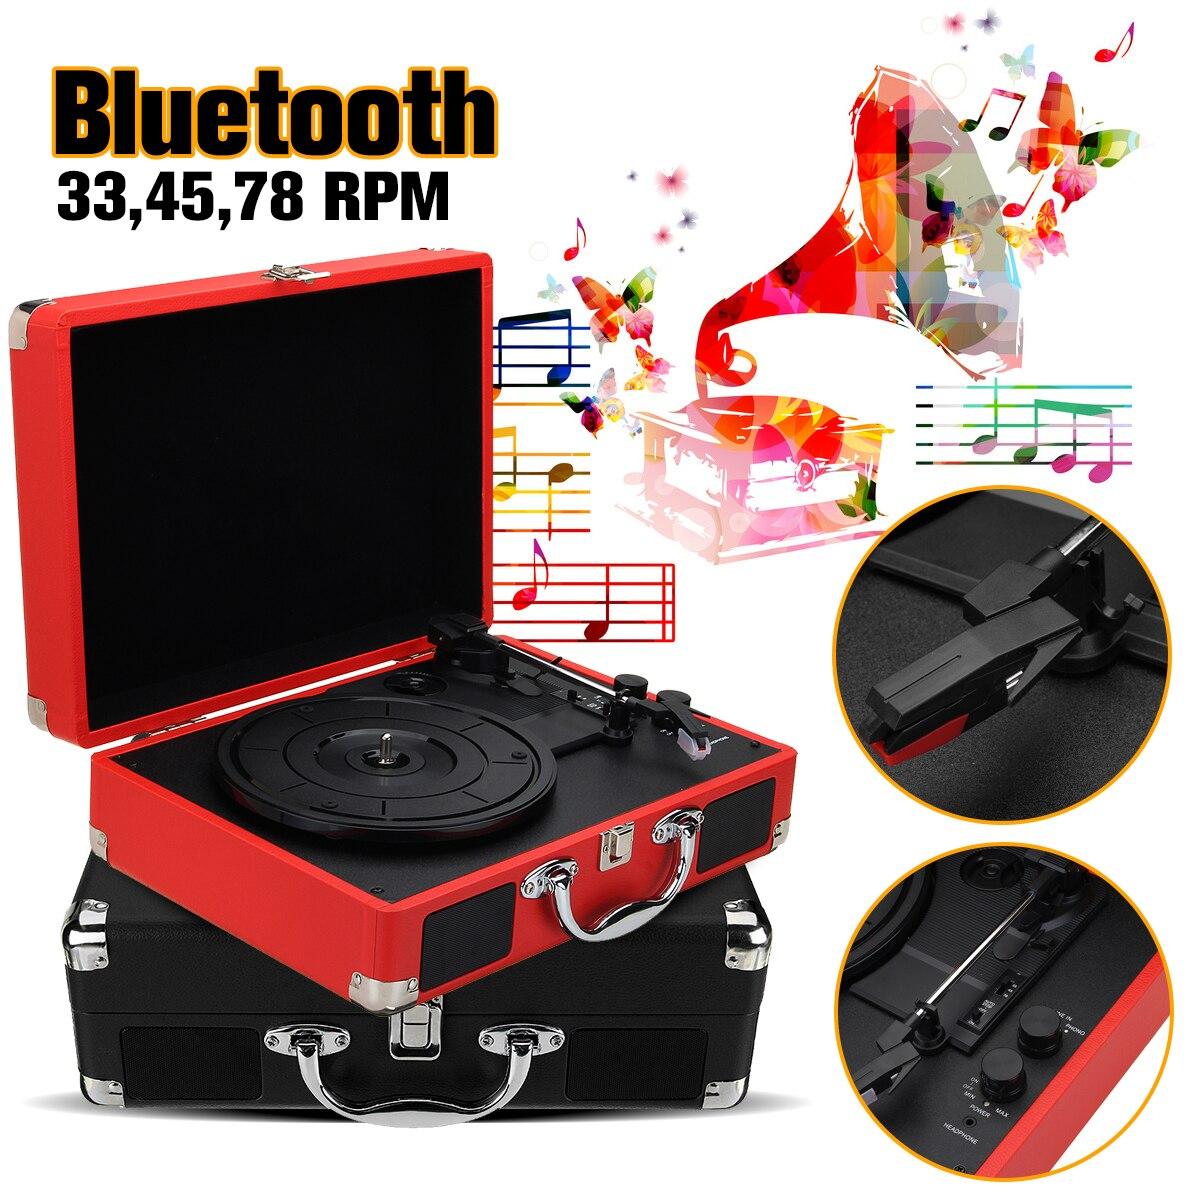 Di plastica di Legno Retro 33/45/78 RPM bluetooth PH/INT/BT 2.0 Valigia Giradischi Vinyl LP record Lettore Del Telefono 3-Velocità 3.5 millimetri AUX IN